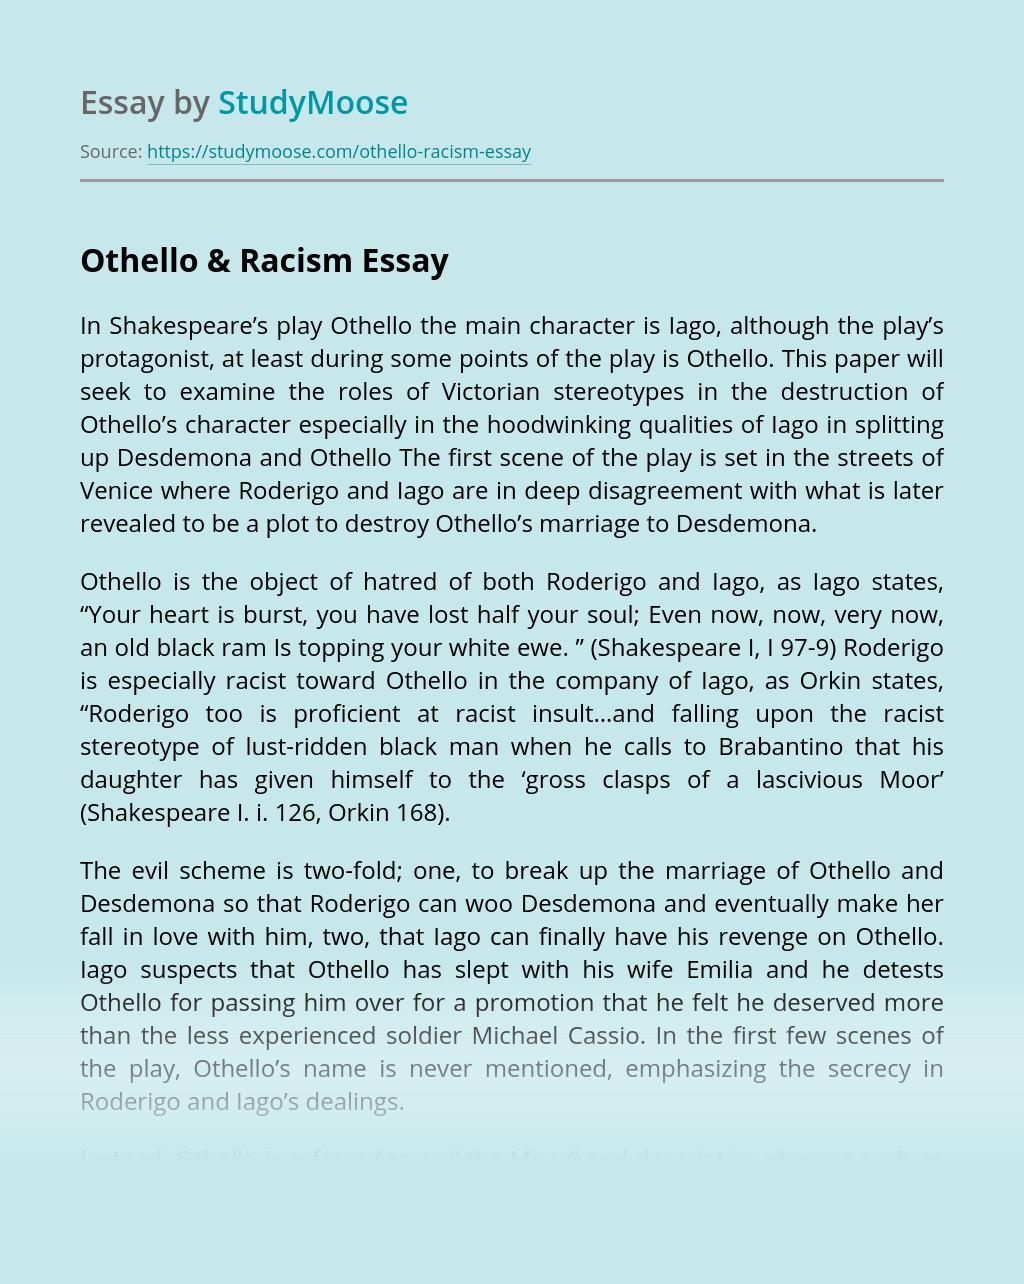 Othello & Racism